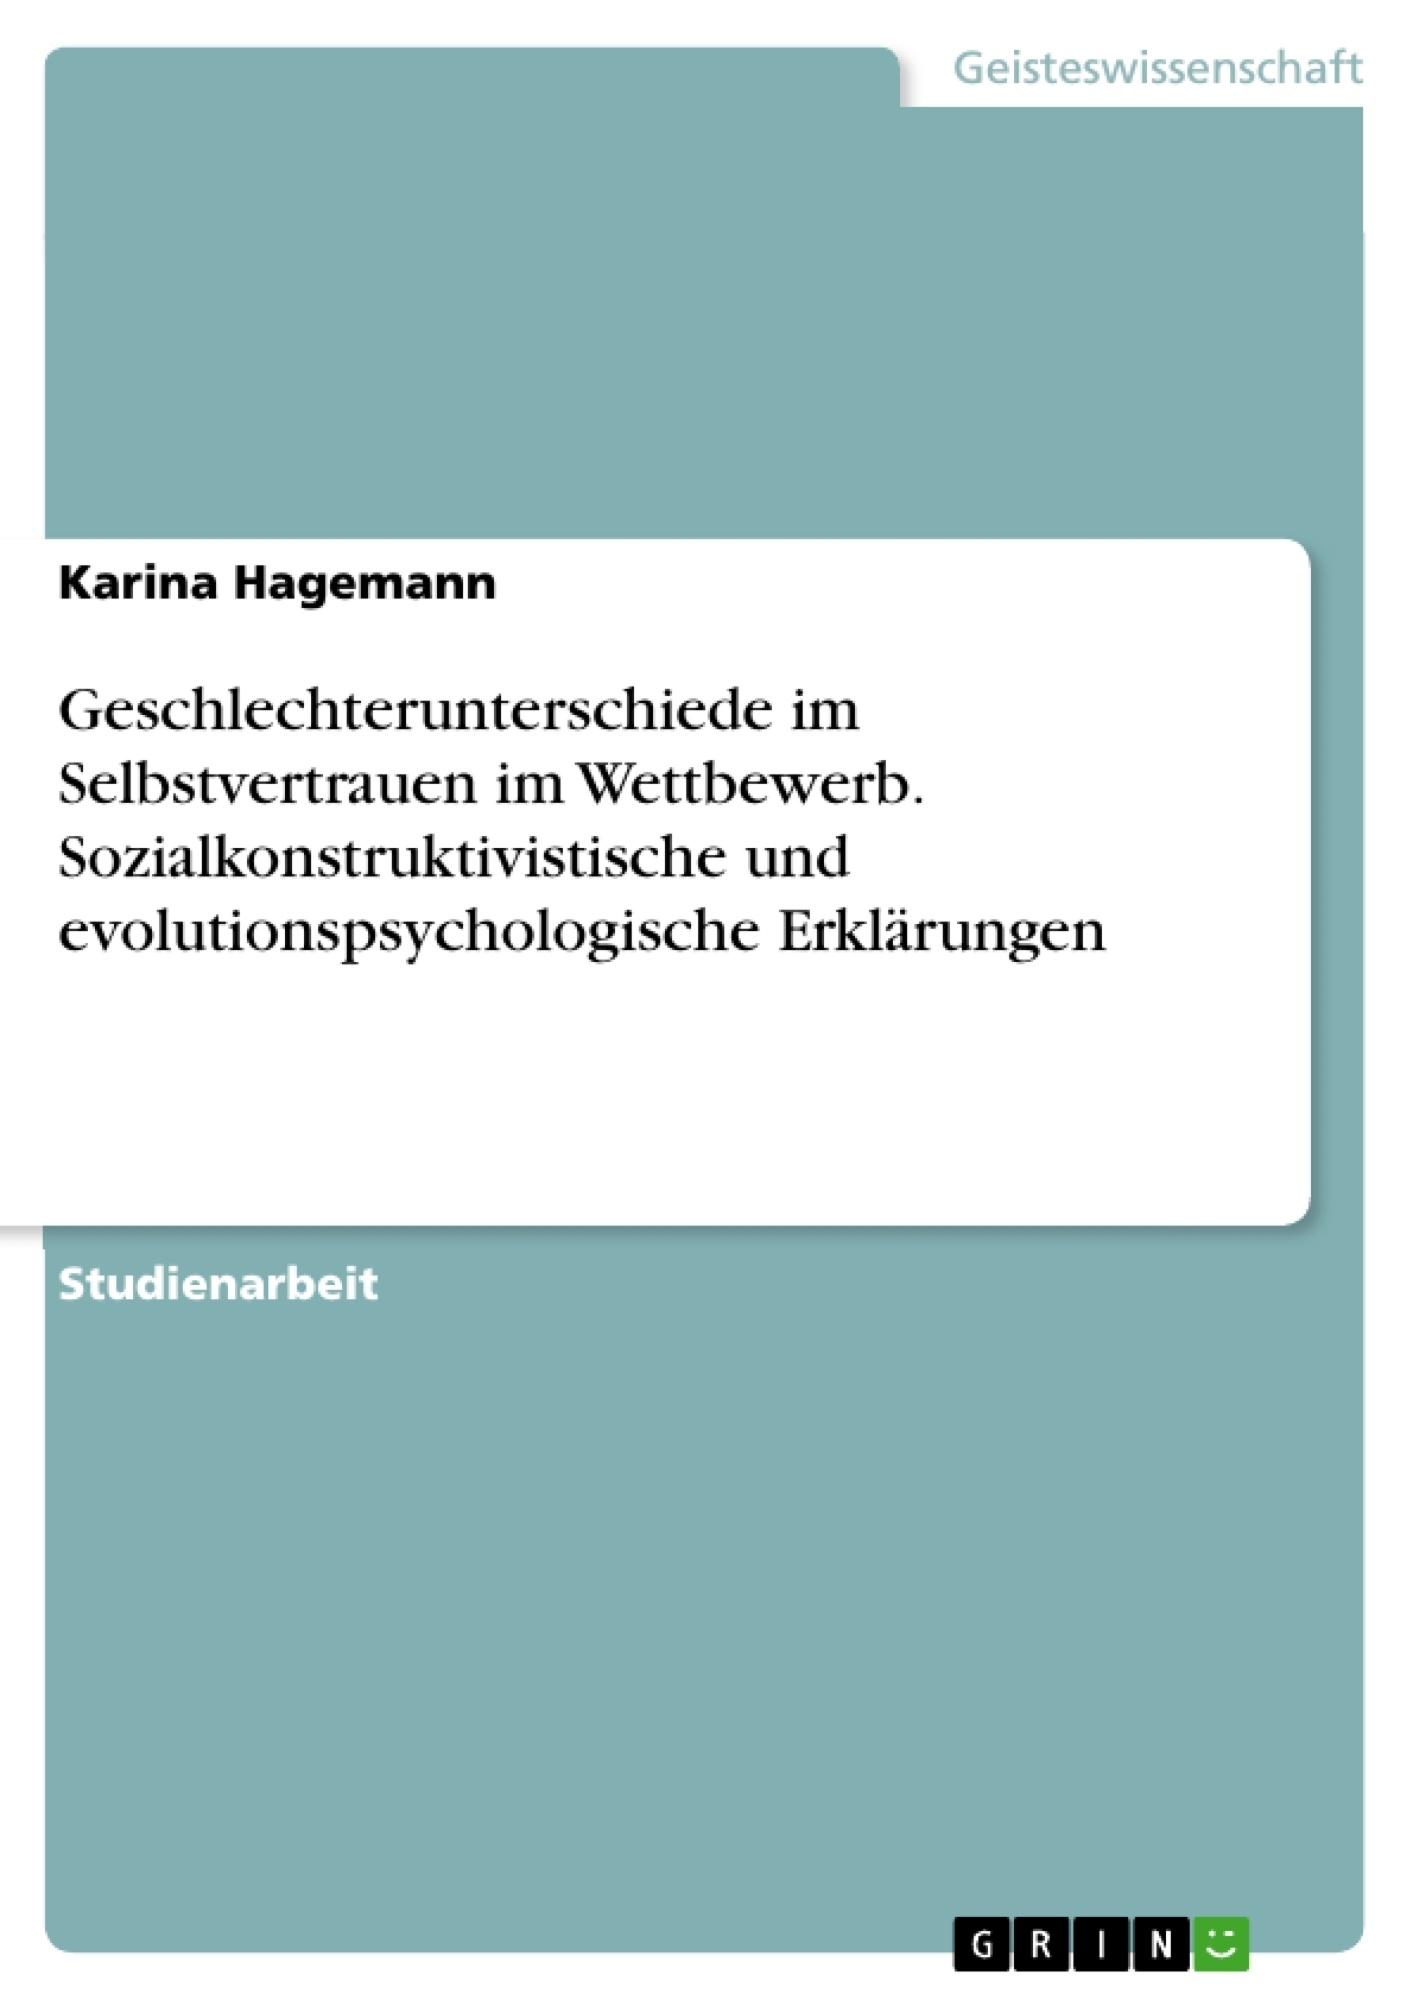 Titel: Geschlechterunterschiede im Selbstvertrauen im Wettbewerb. Sozialkonstruktivistische und evolutionspsychologische Erklärungen